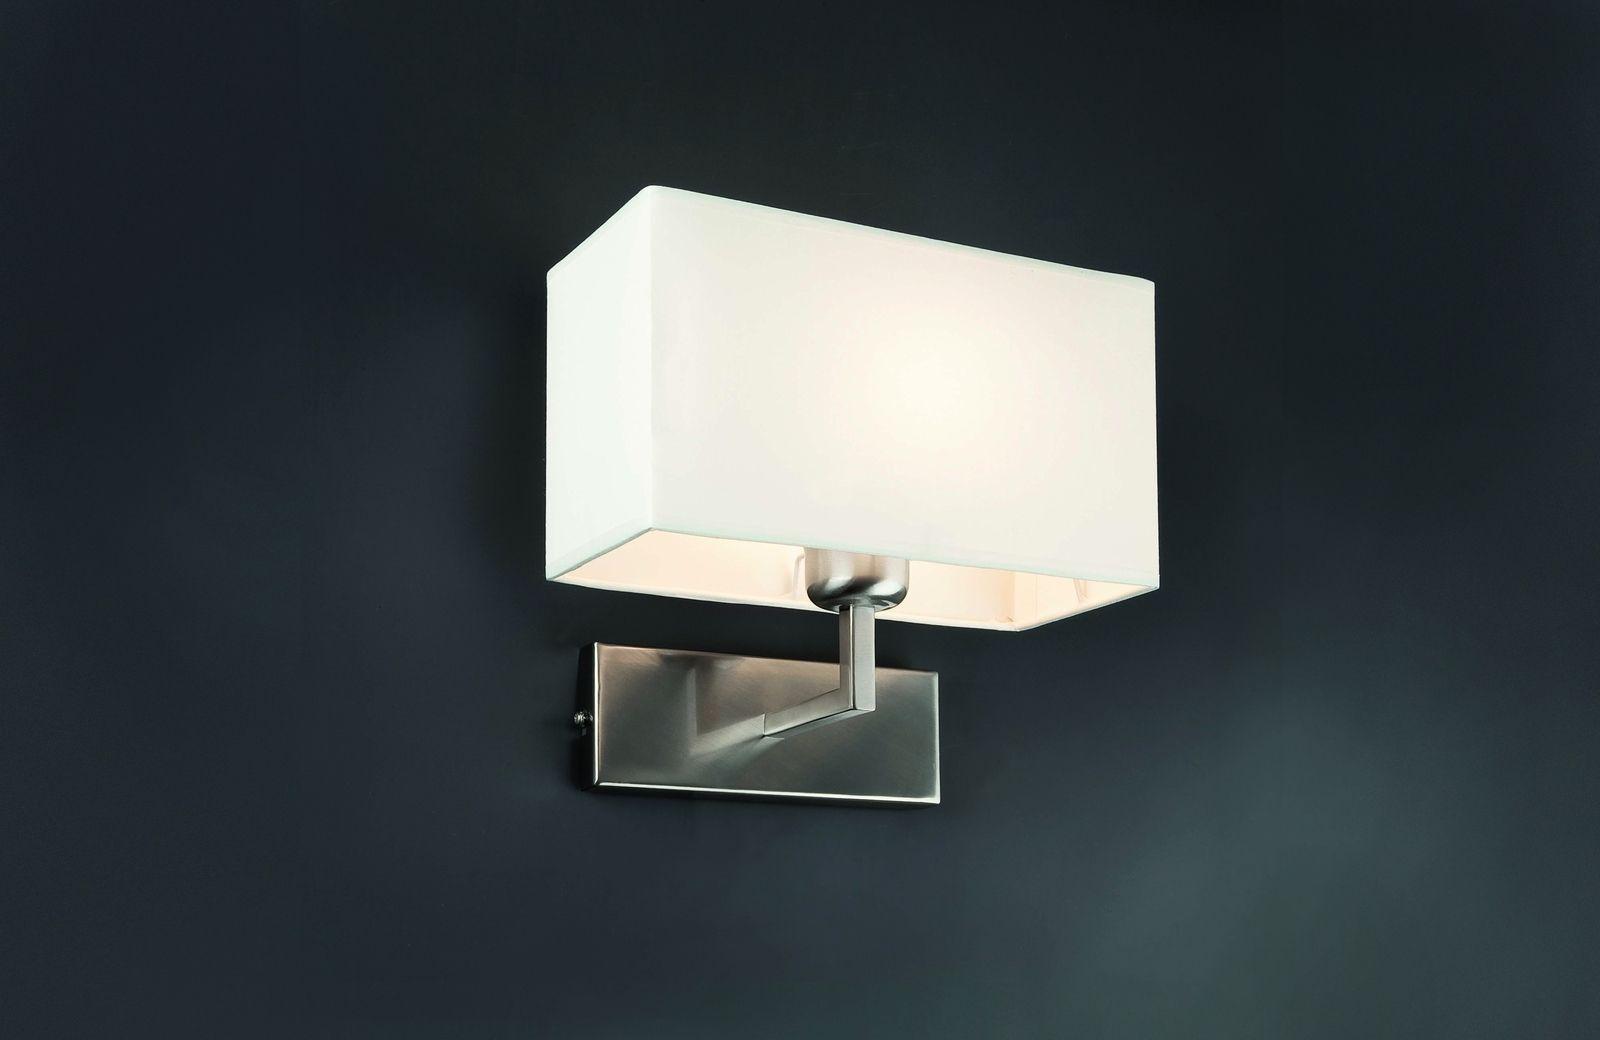 Roda lampada da parete nichel spazzolato una lucexe max w